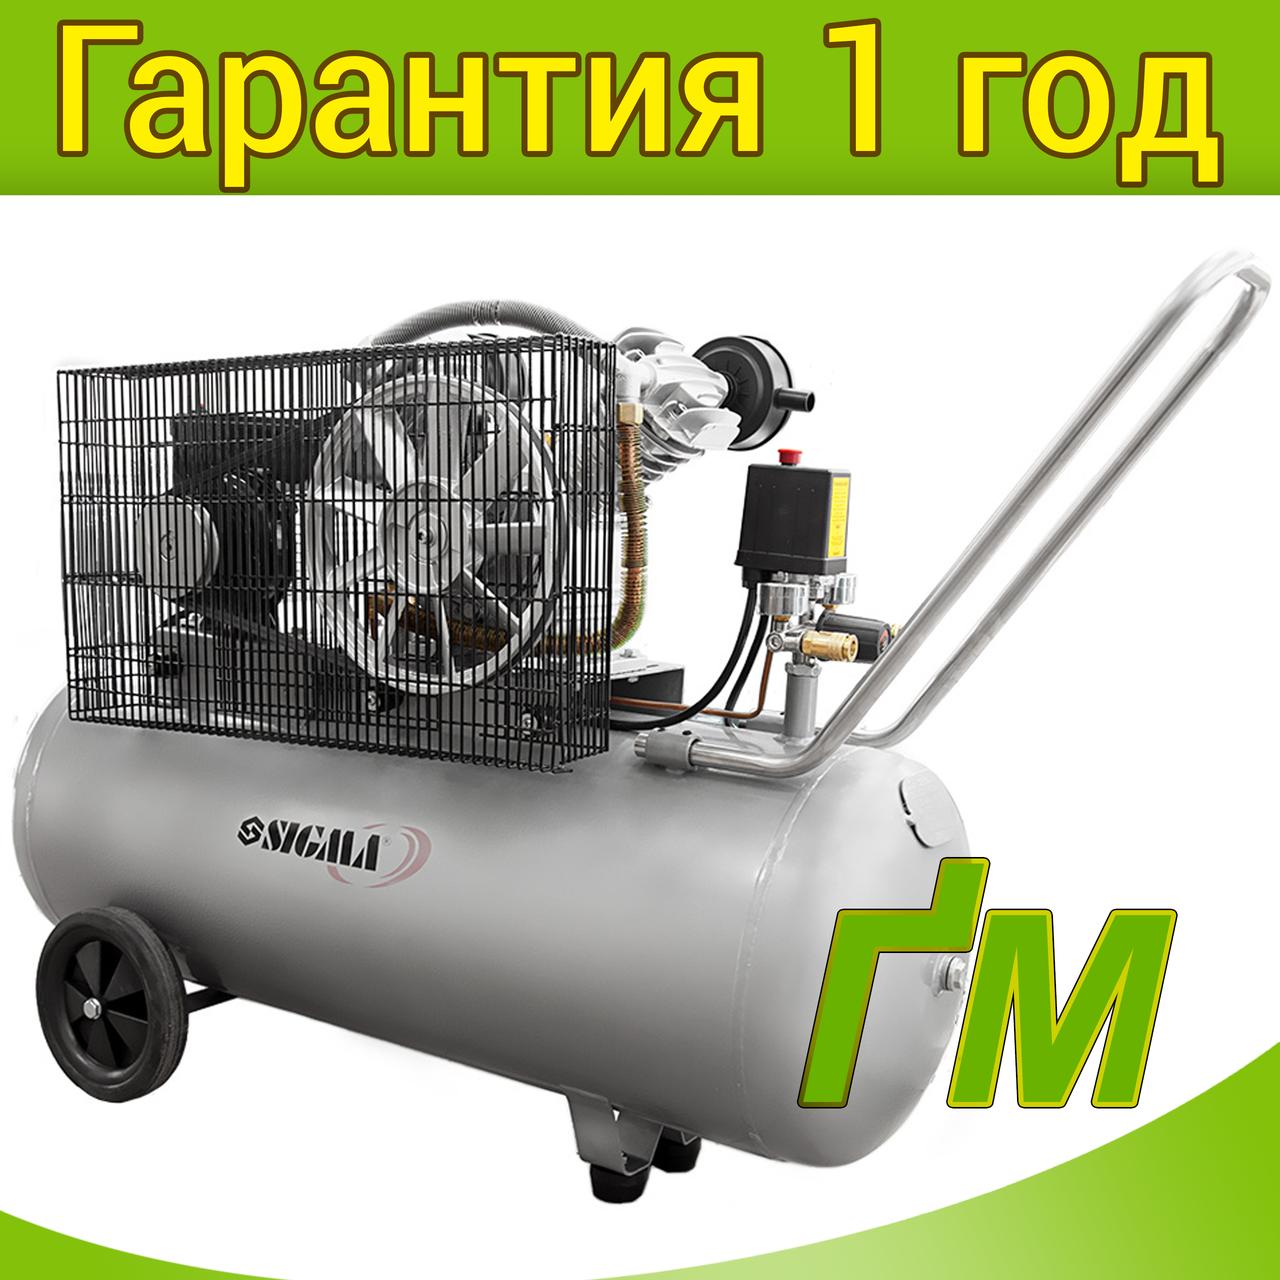 Компрессор двухцилиндровый ременной 2.5 кВт, 396 л/мин, 10 бар, 100 л SIGMA (2 крана)